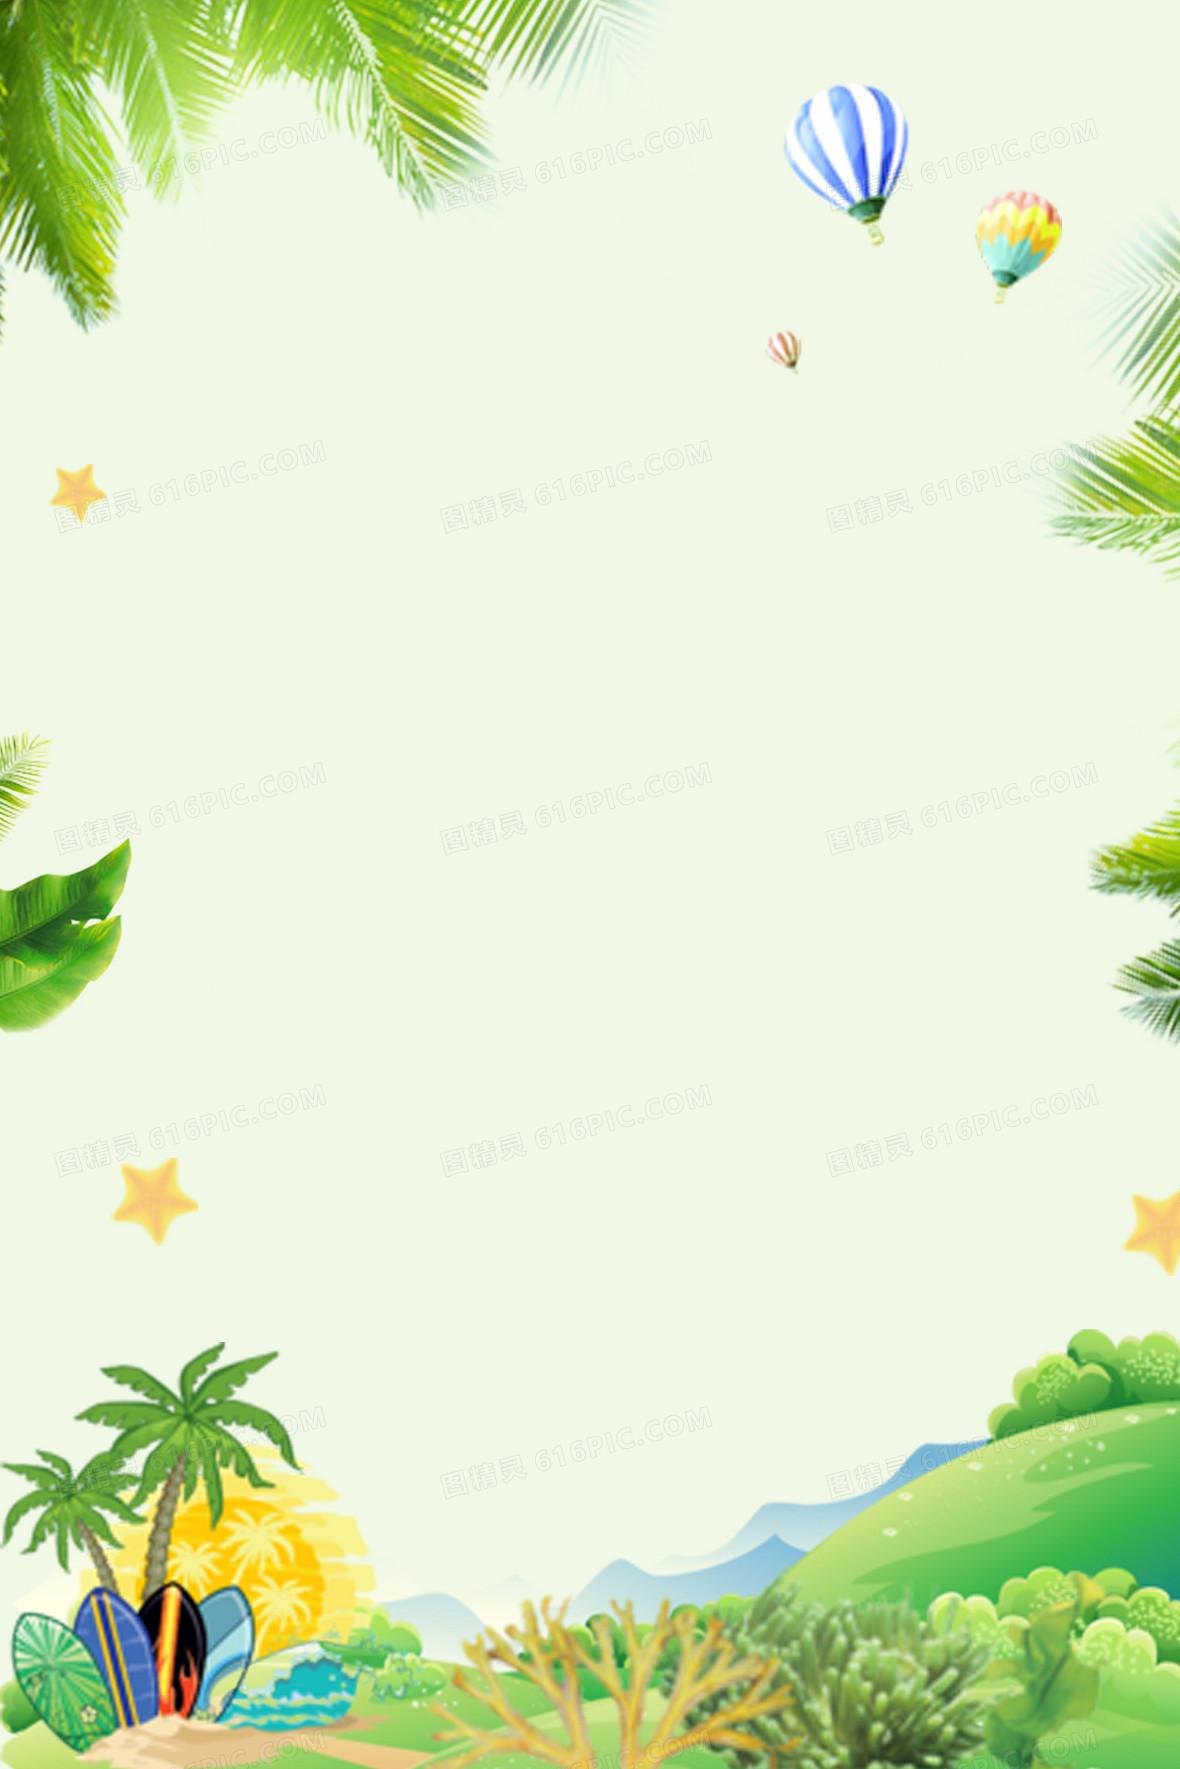 暑假夏天夏令营绿色清新海报背景